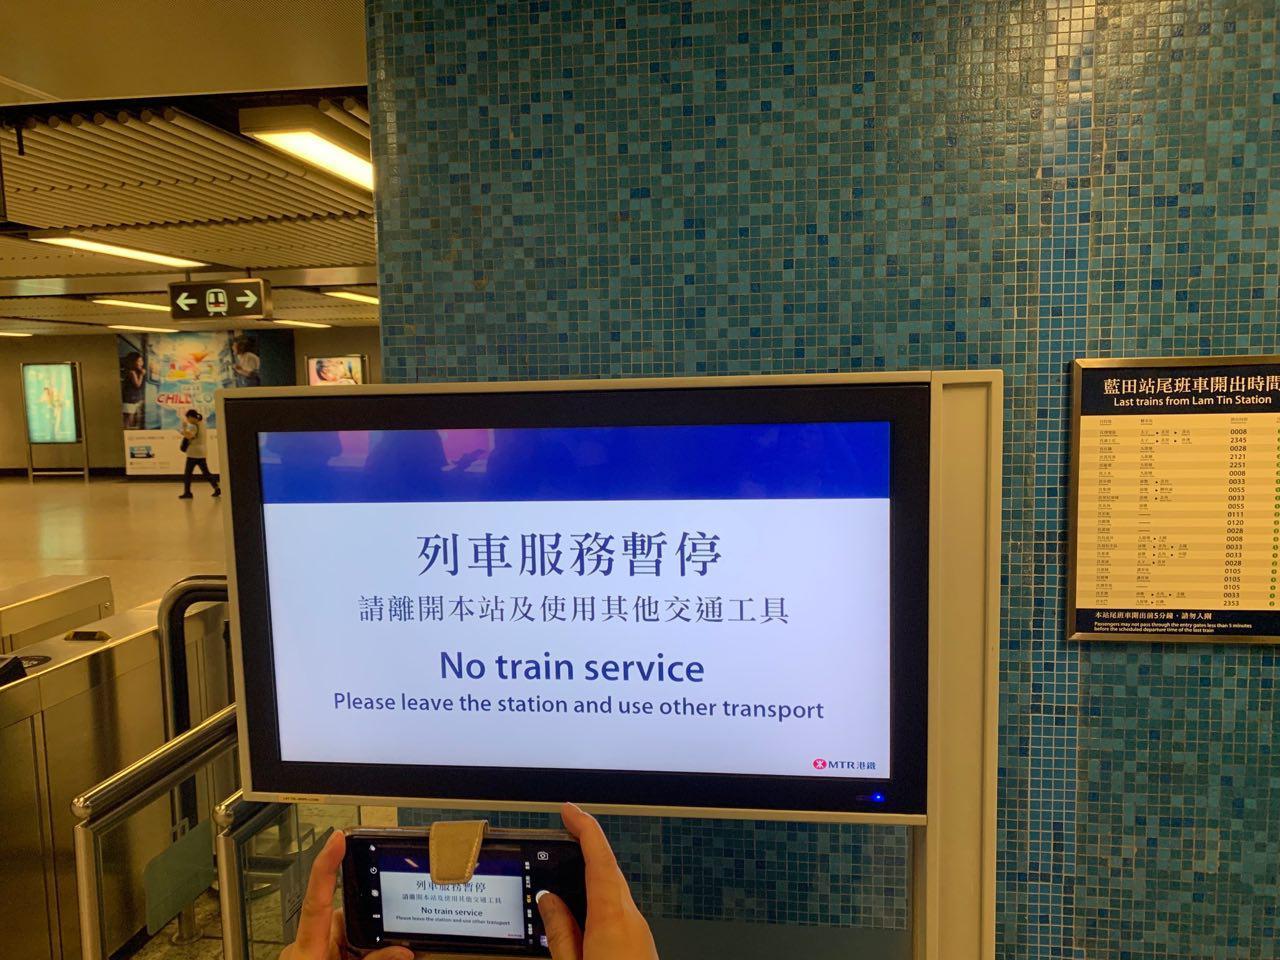 7月30日上午調景嶺站黃浦方向的藍田車站內,告示牌已經顯示列車服務暫停,線路癱瘓。(攝影:駱亞/ 大紀元)